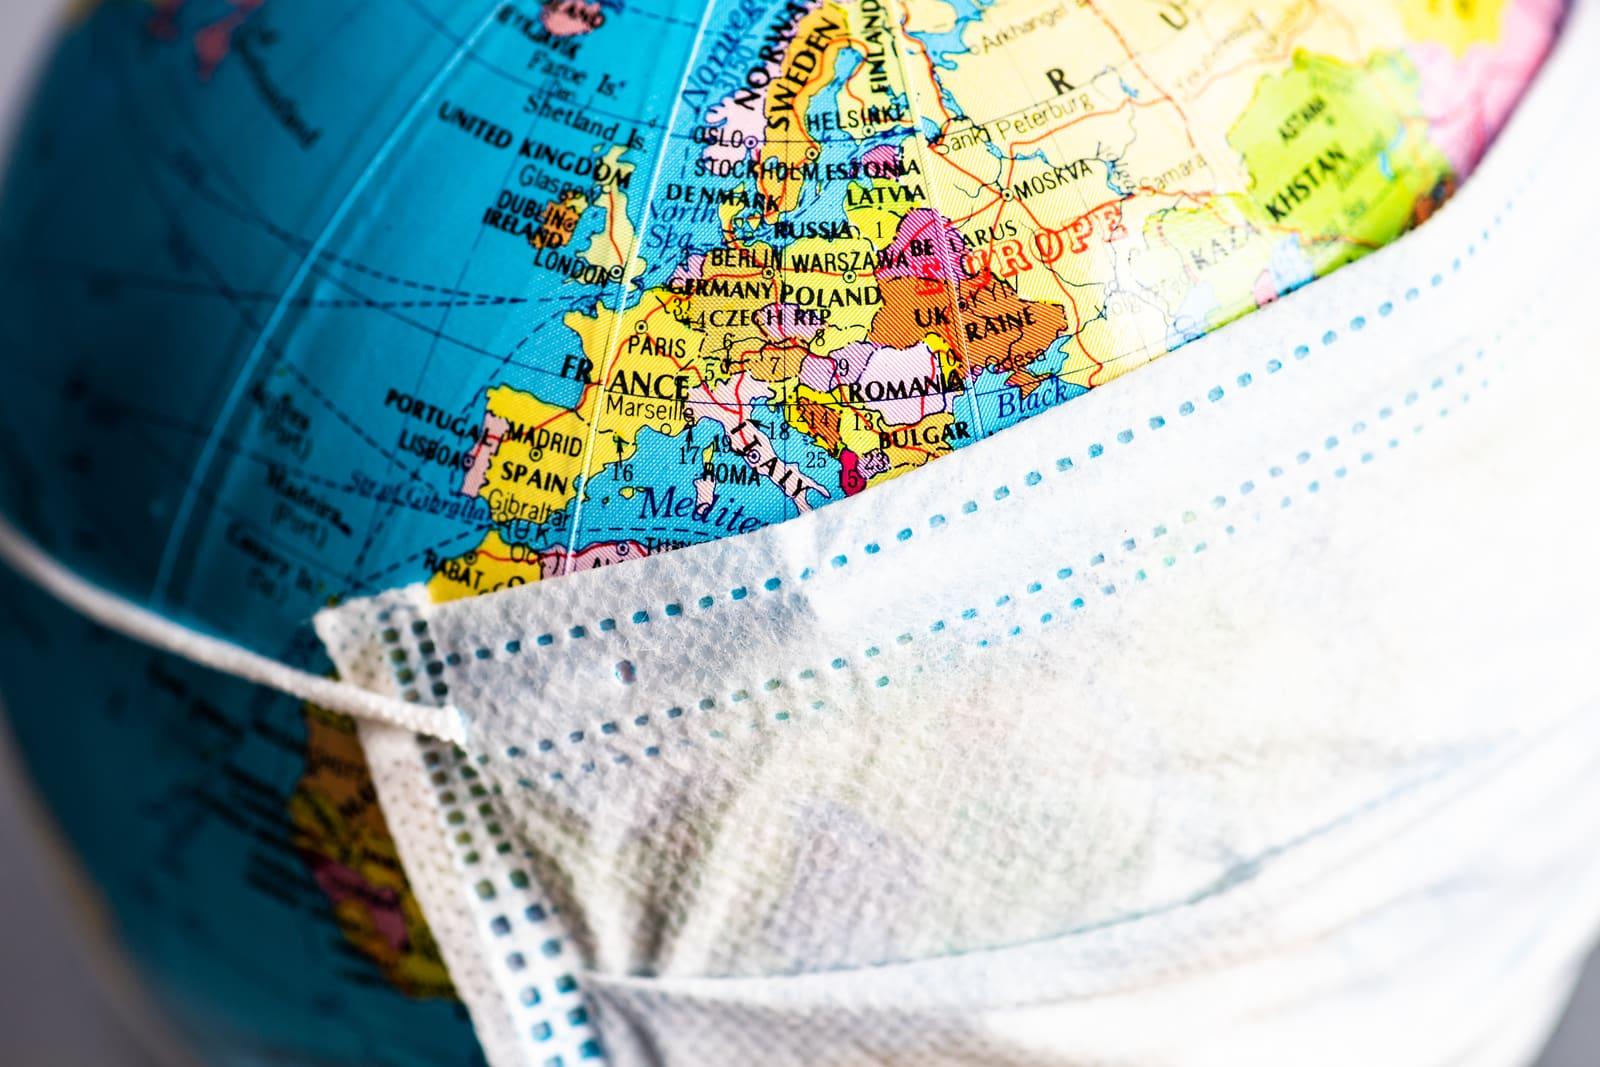 Nederland zeker tot 9 februari in lockdown